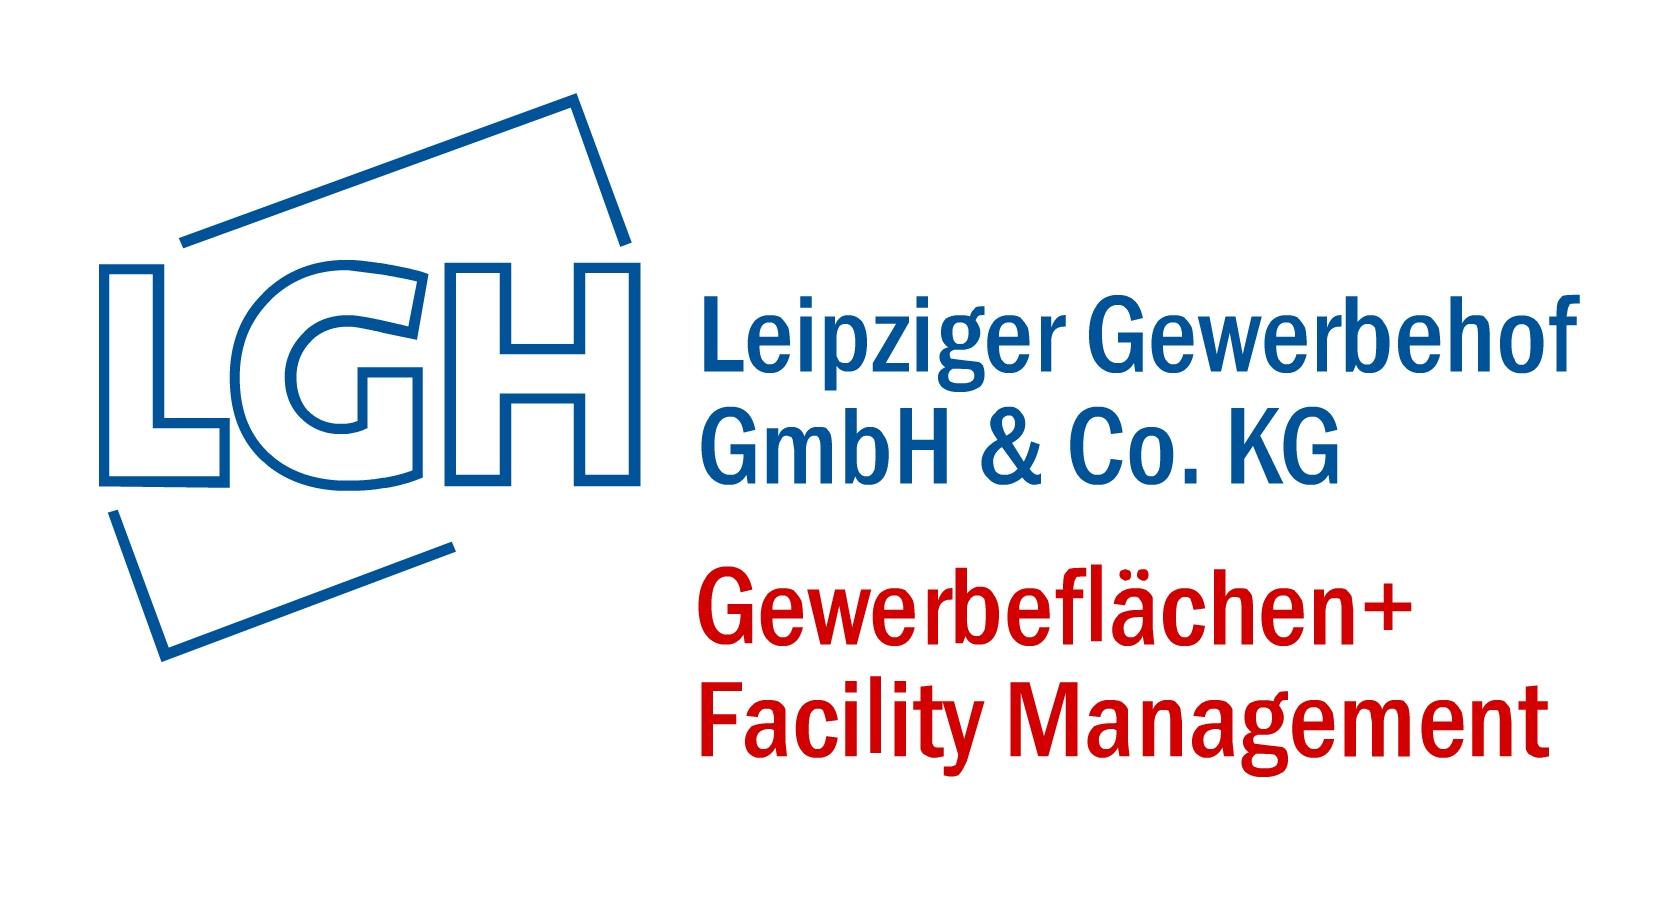 LGH Leipziger Gewerbehof